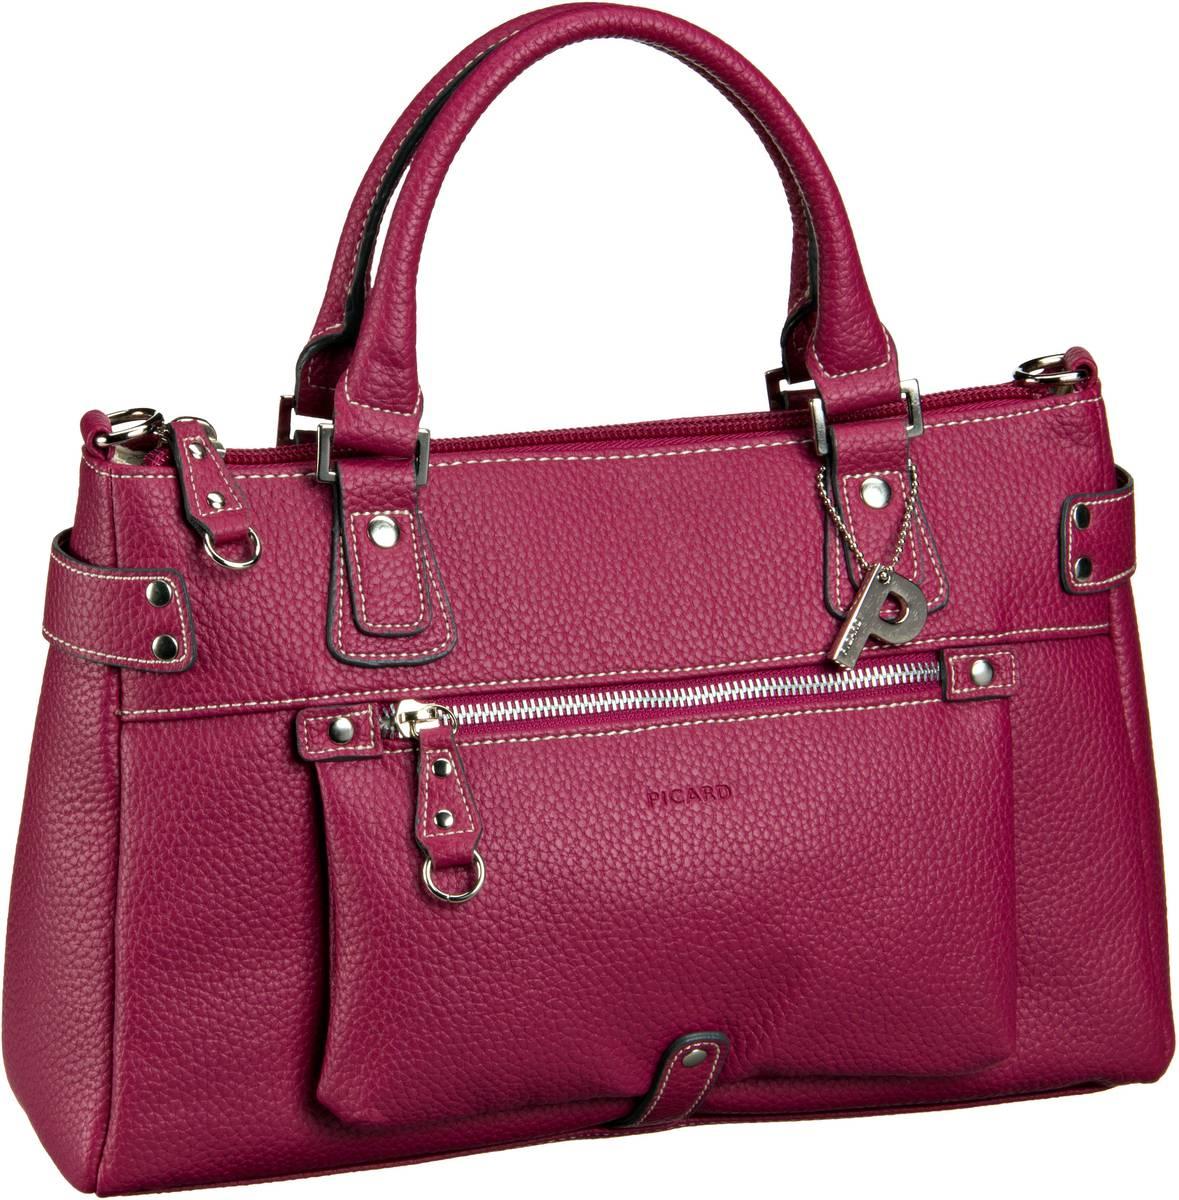 picard loire handtasche preisvergleich handtasche. Black Bedroom Furniture Sets. Home Design Ideas